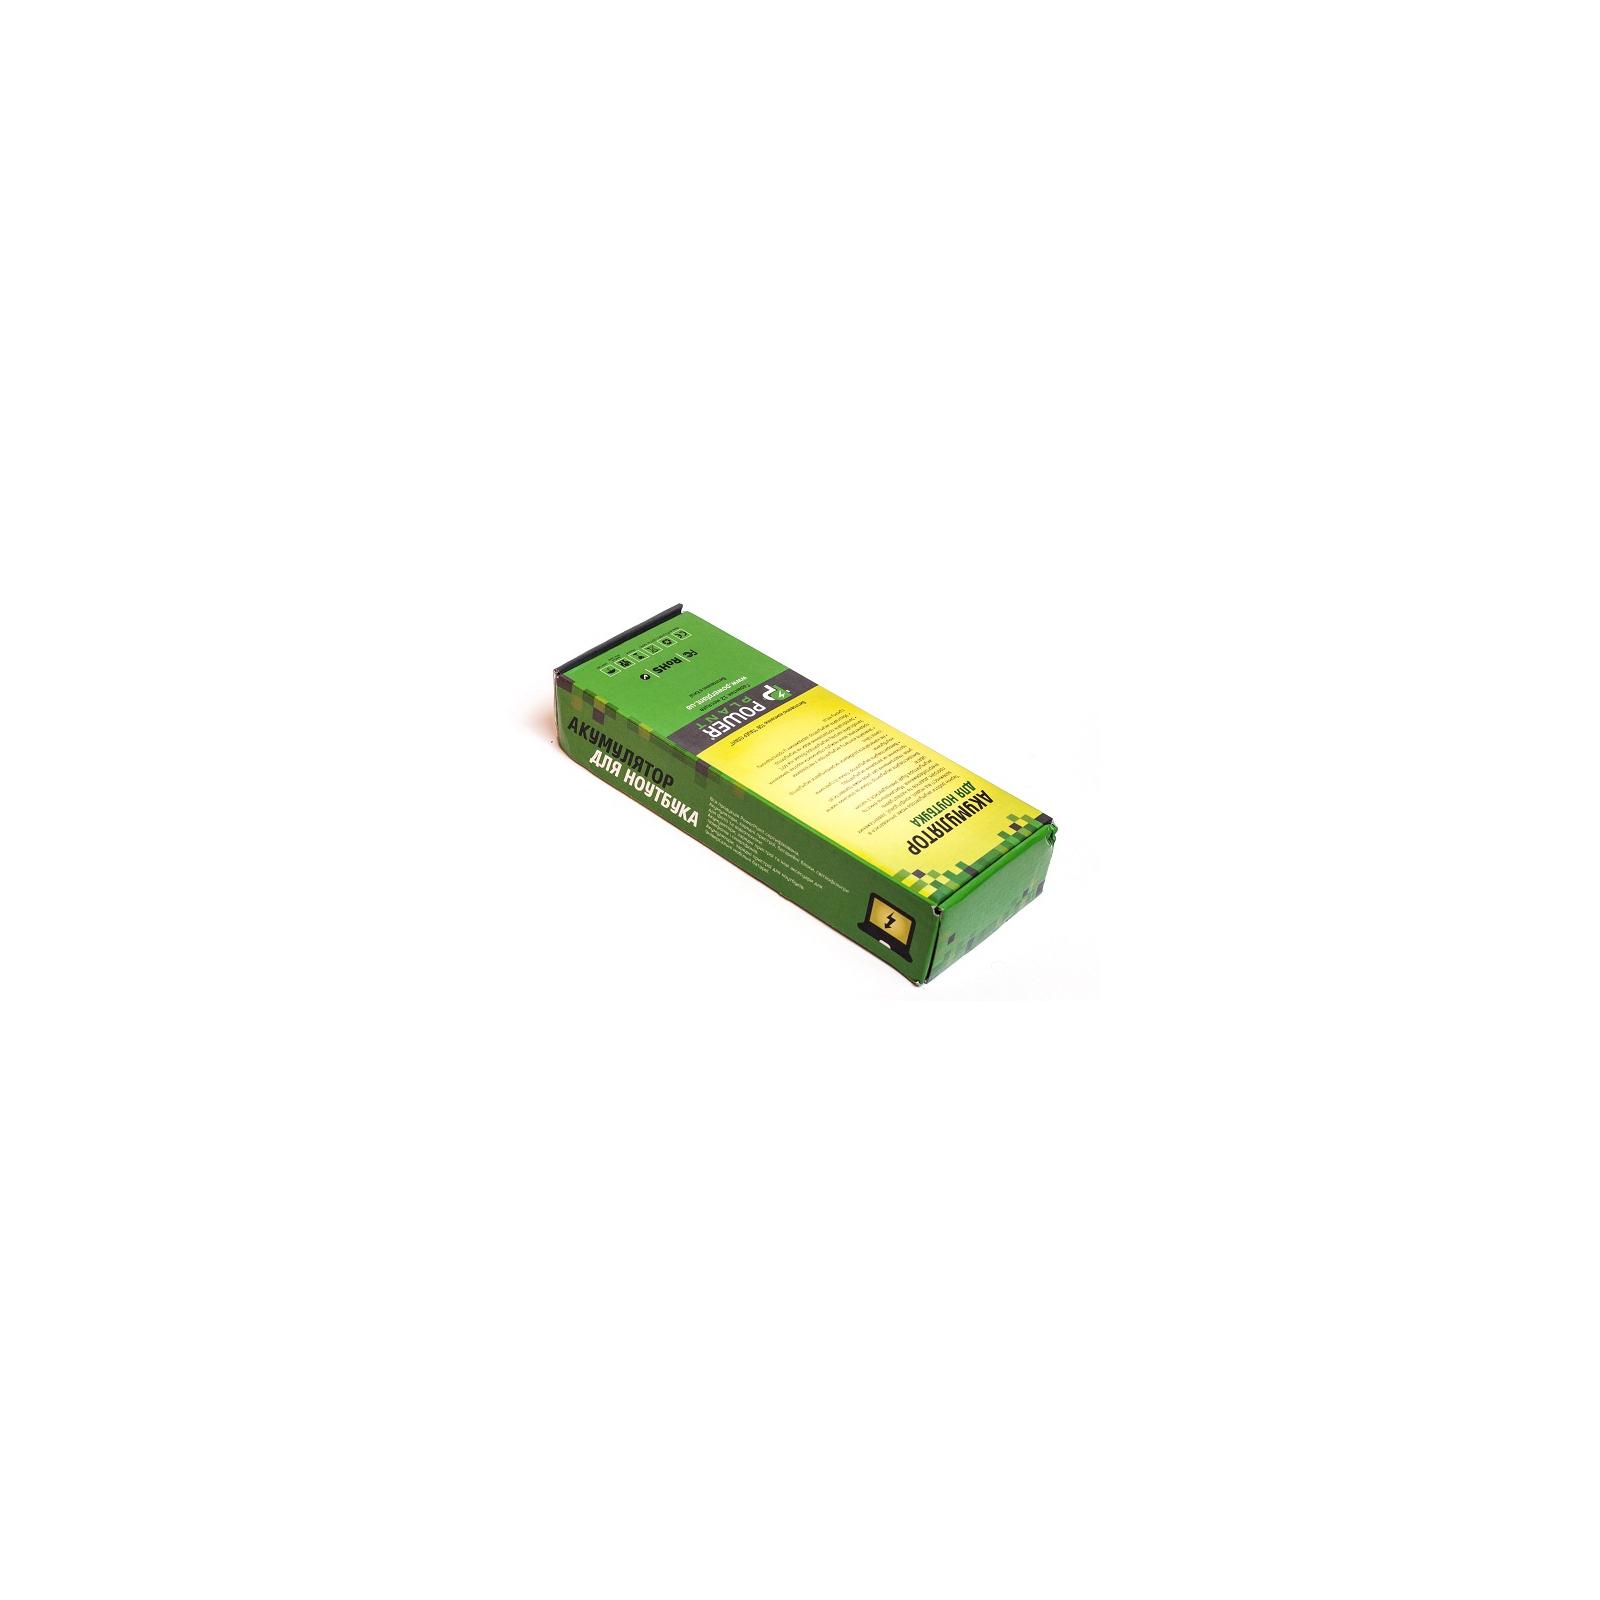 Аккумулятор для ноутбука DELL Inspiron 1400 (MN151 DE-1420-6) 11.1V 5200mAh PowerPlant (NB00000177) изображение 2